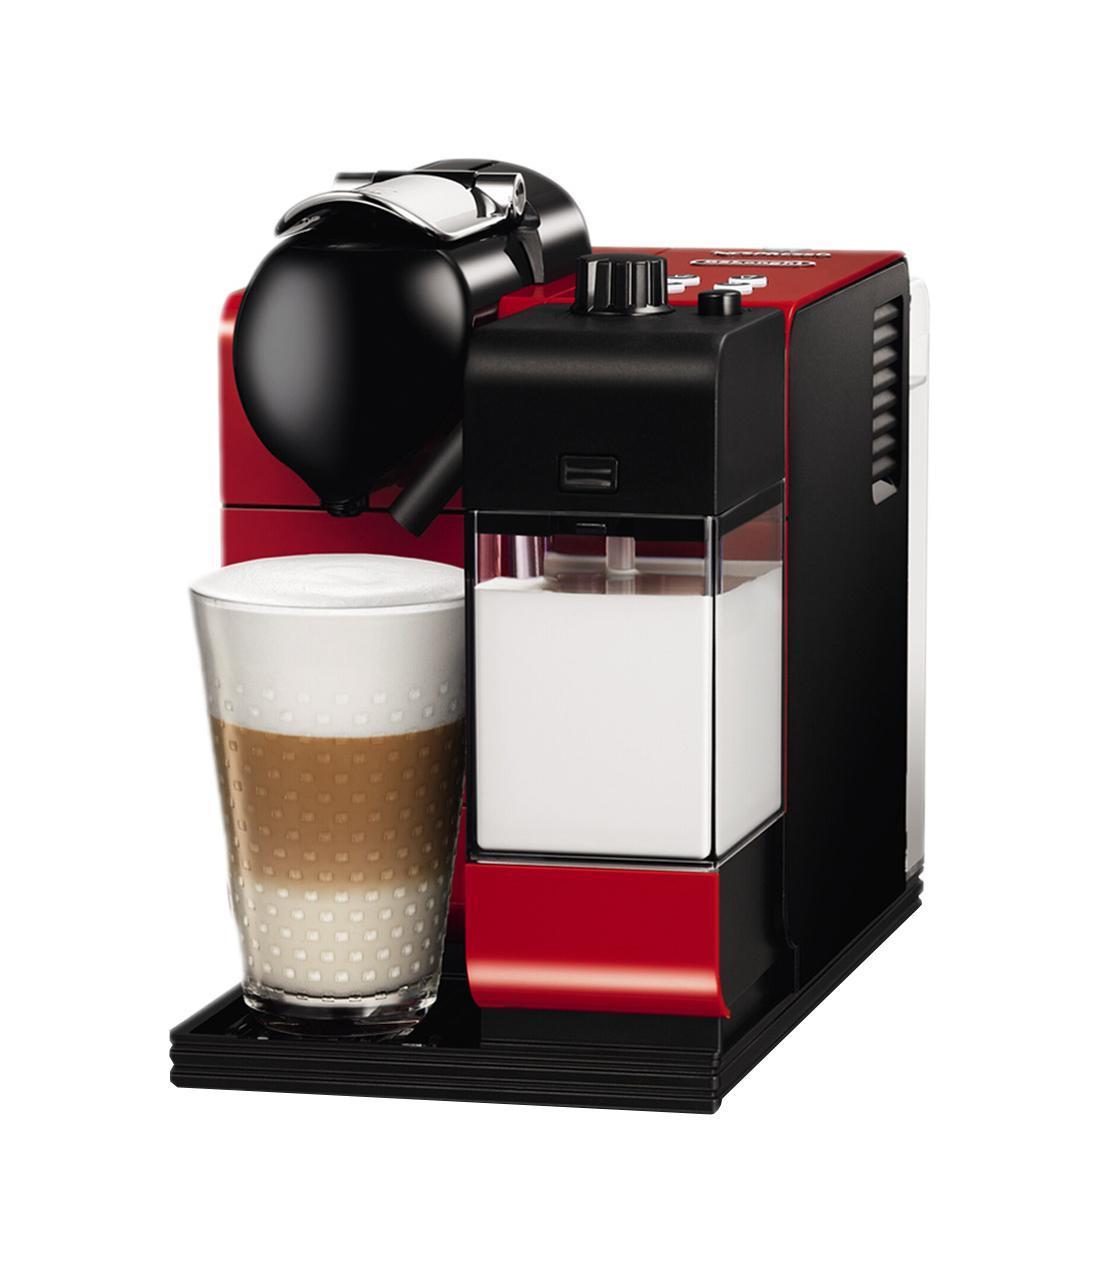 фото капсульной кофемашины латиссима